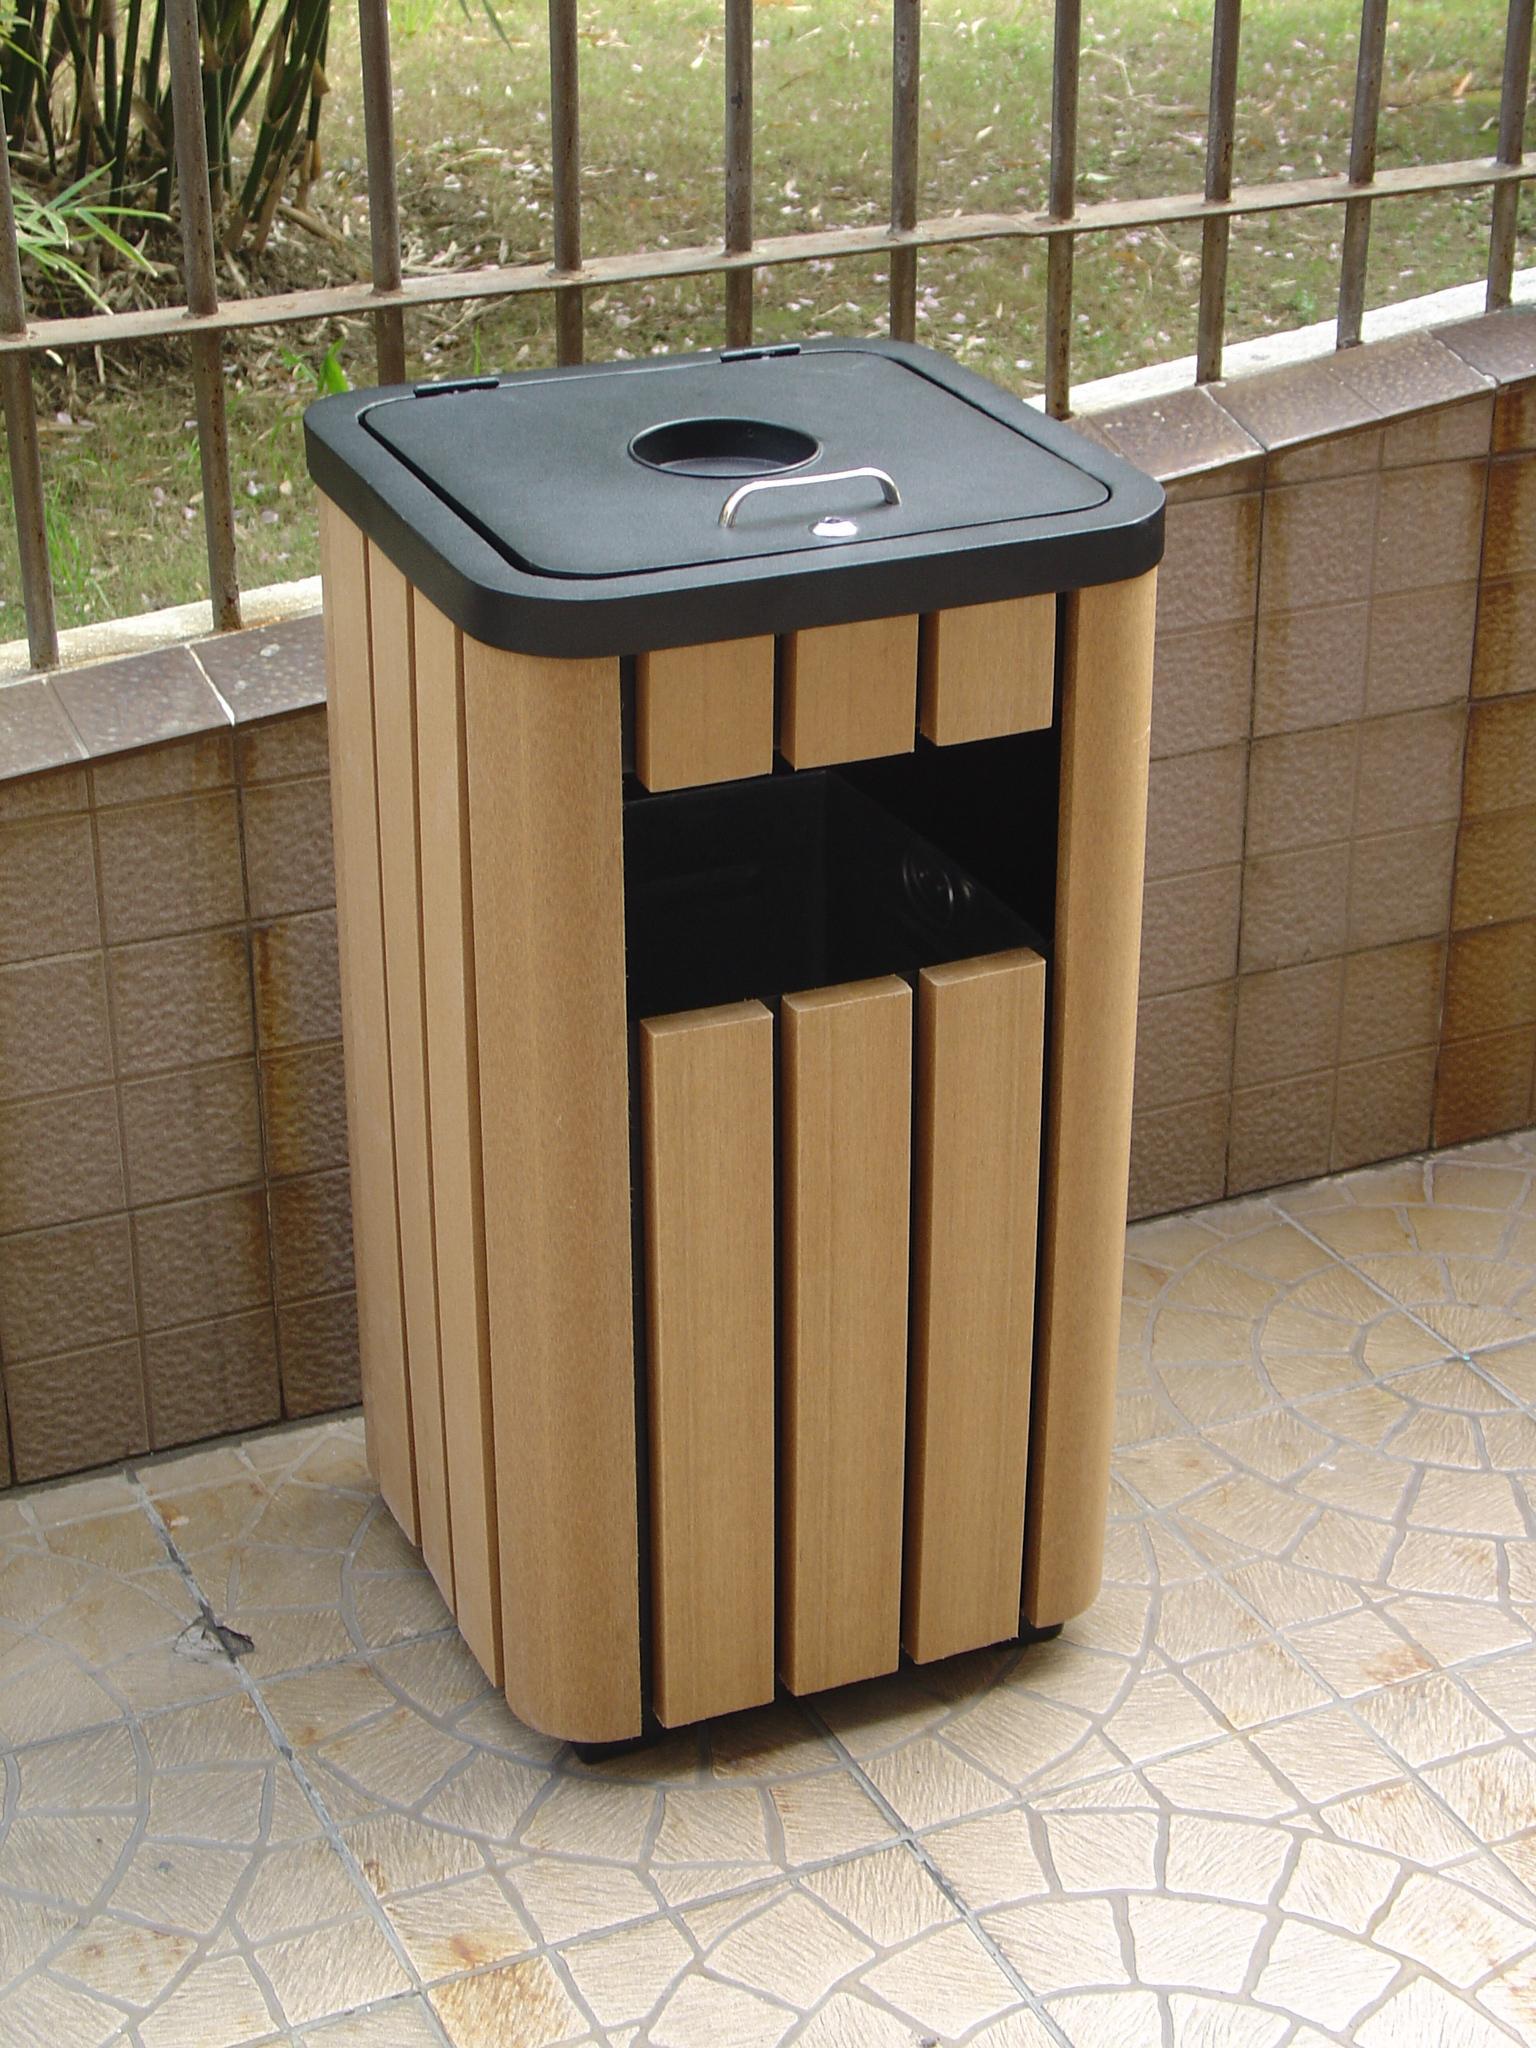 本系列垃圾箱钢结构部分